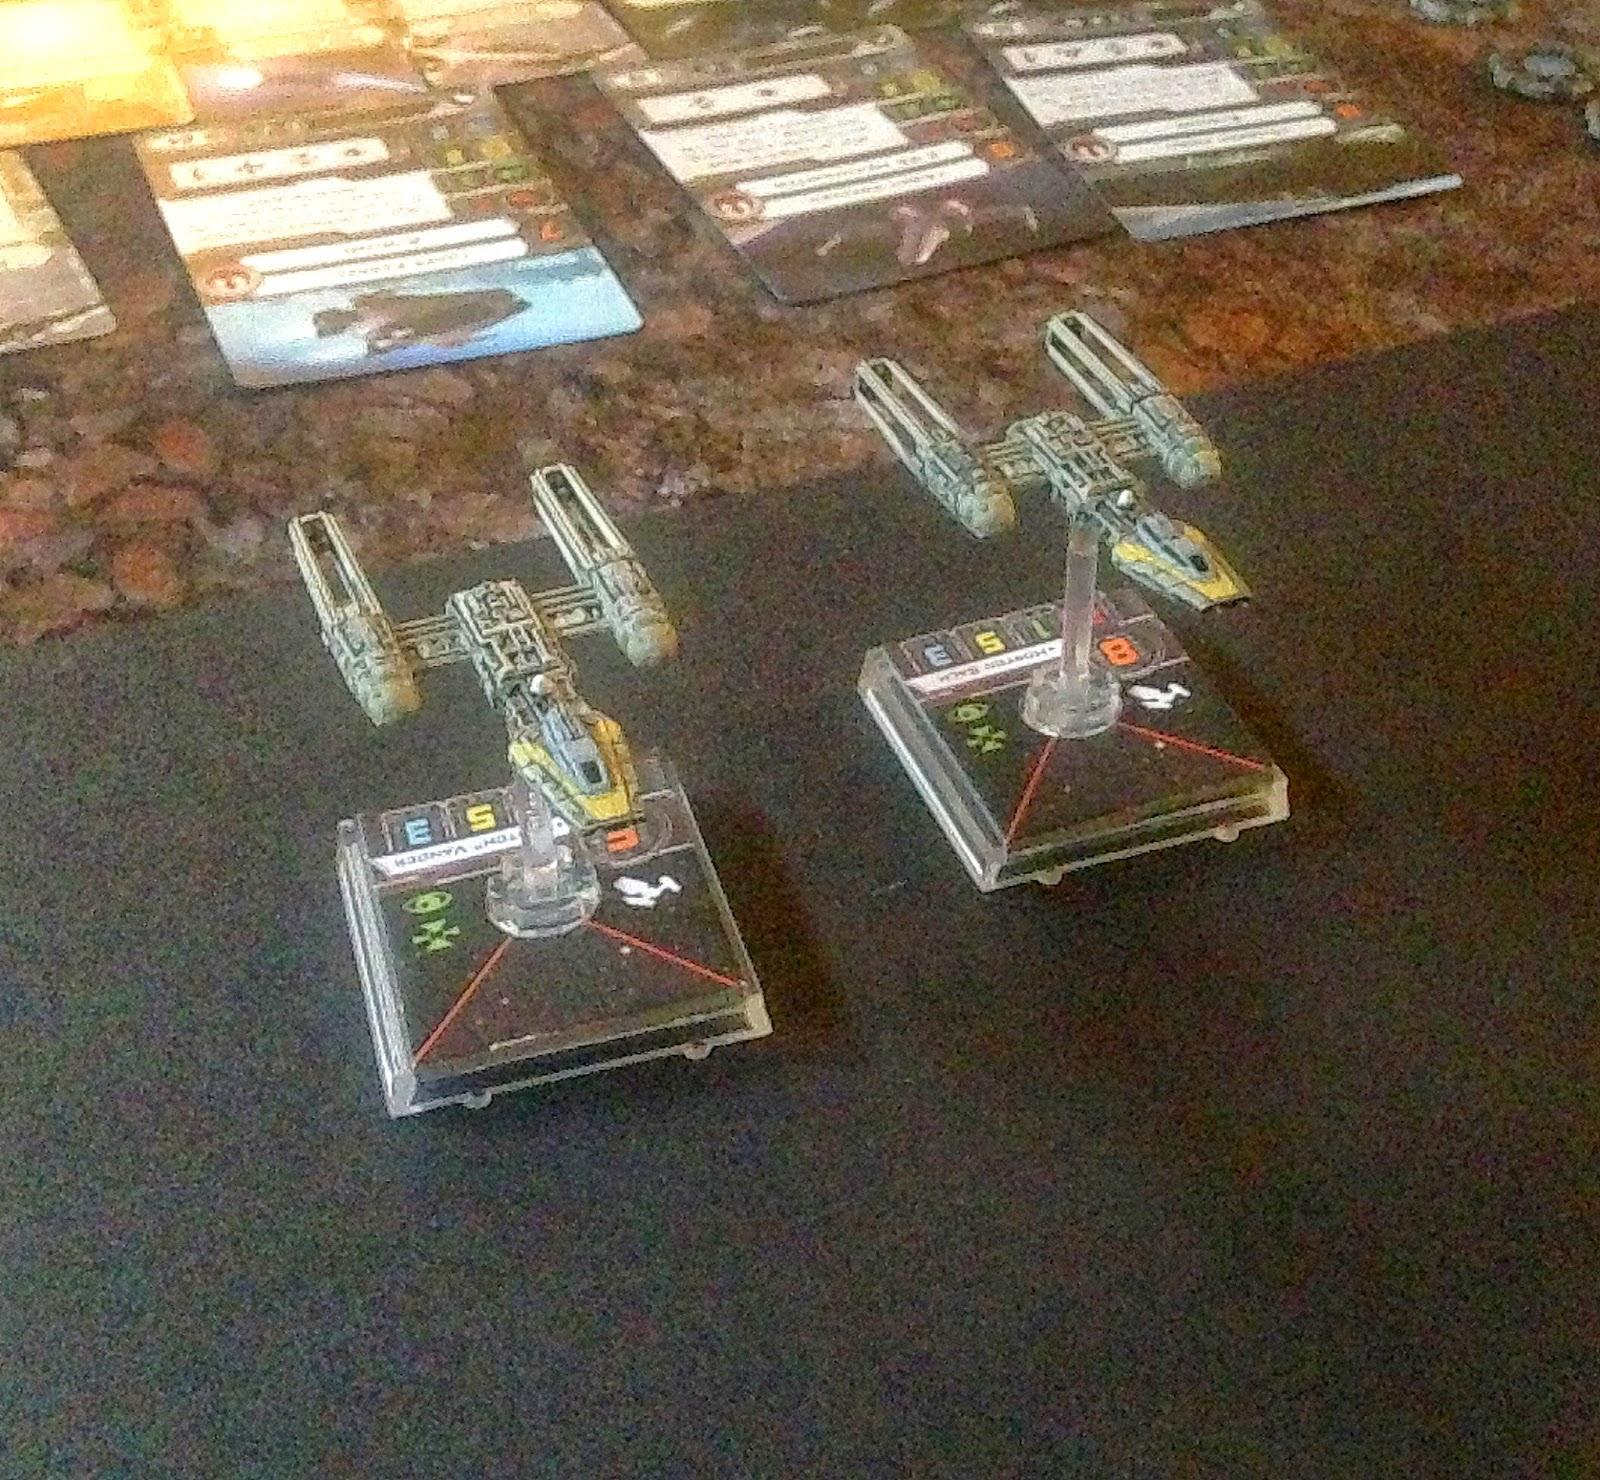 Batlte Gaming One, Y-wings, Death Star